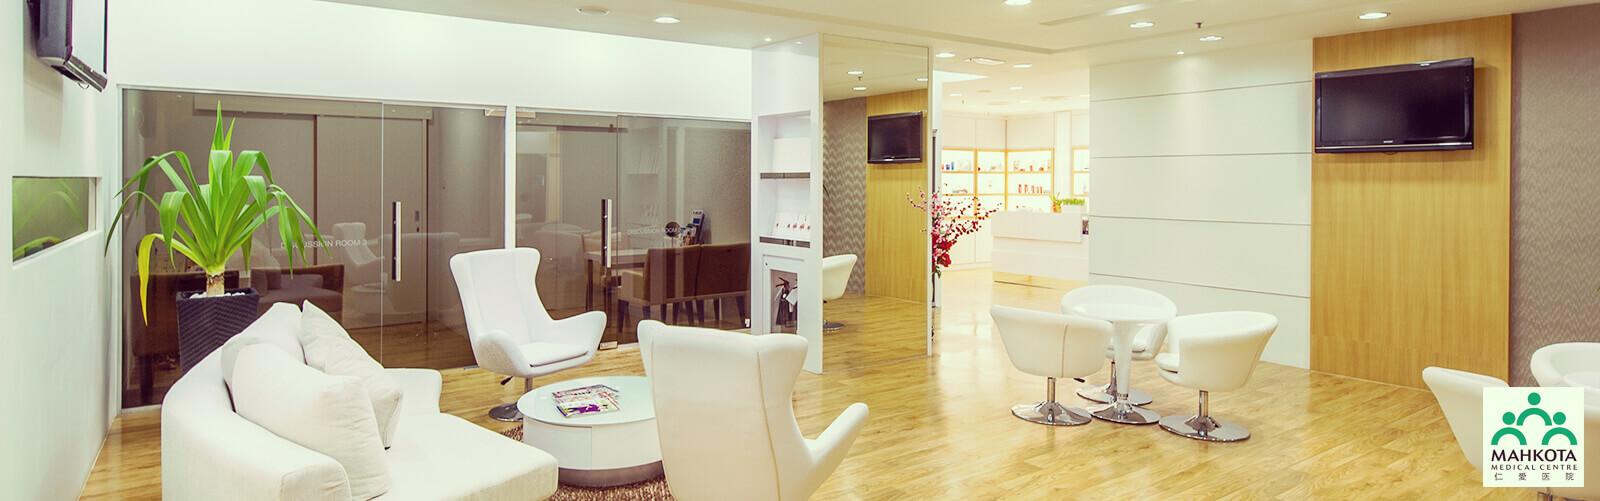 Mahkota Dermatology Centre (Aesthetic & Laser), Melaka